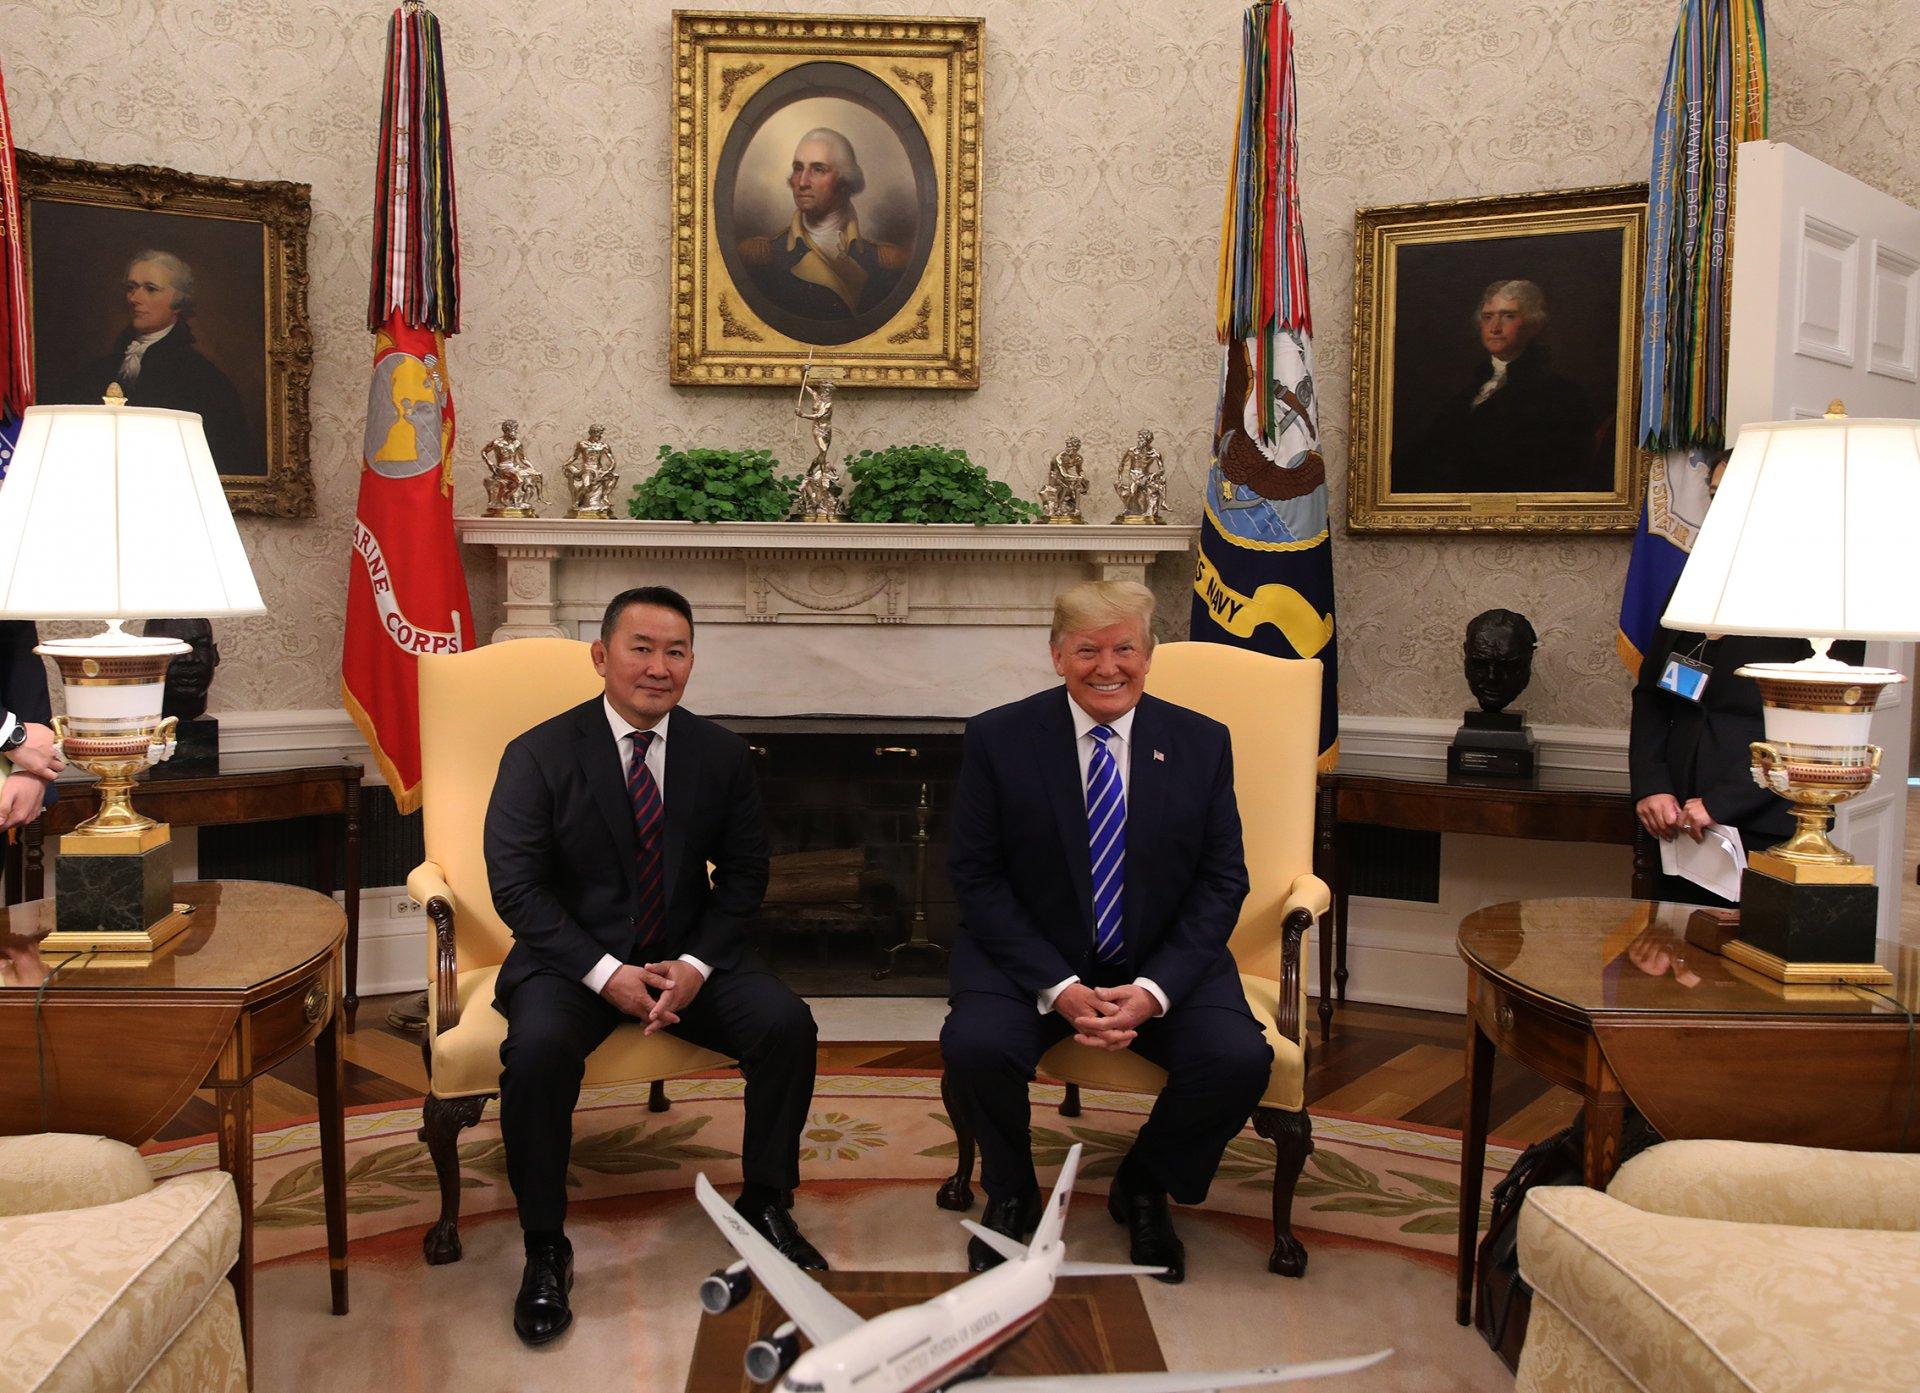 Монгол Улс, Америкийн Нэгдсэн Улс дараах тунхаглалыг гаргаж байна